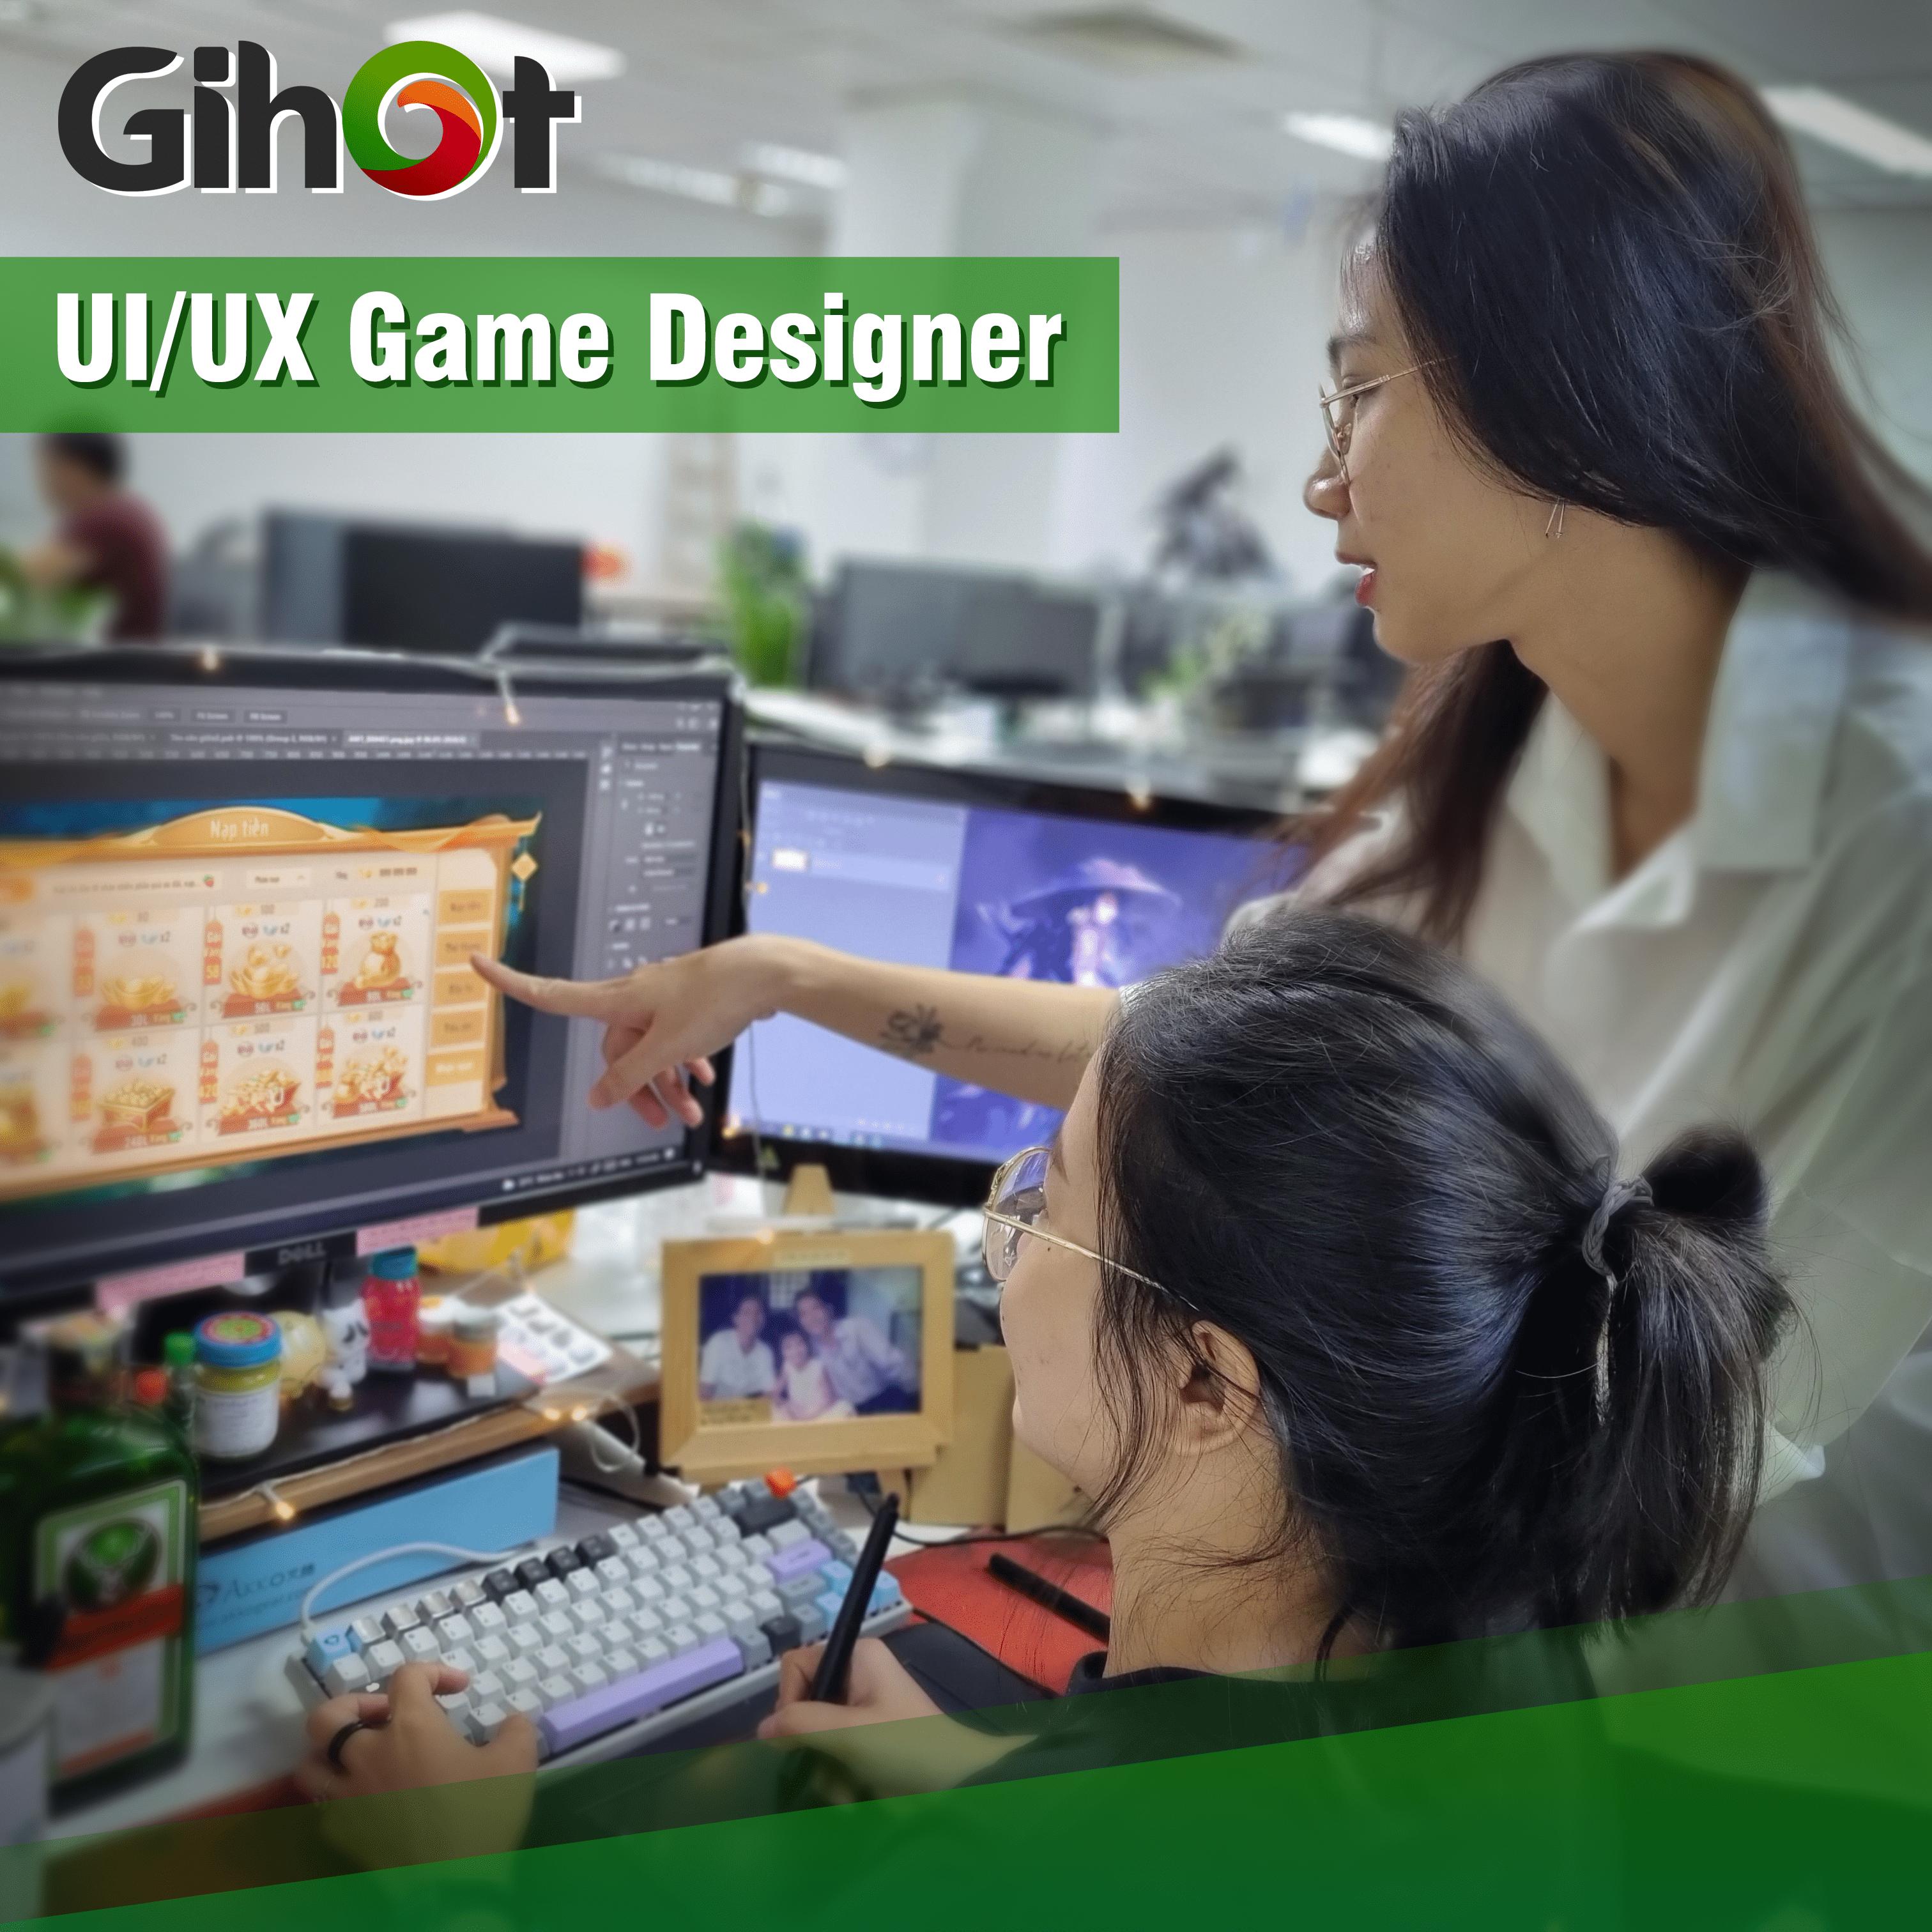 UI/UX Game Designer